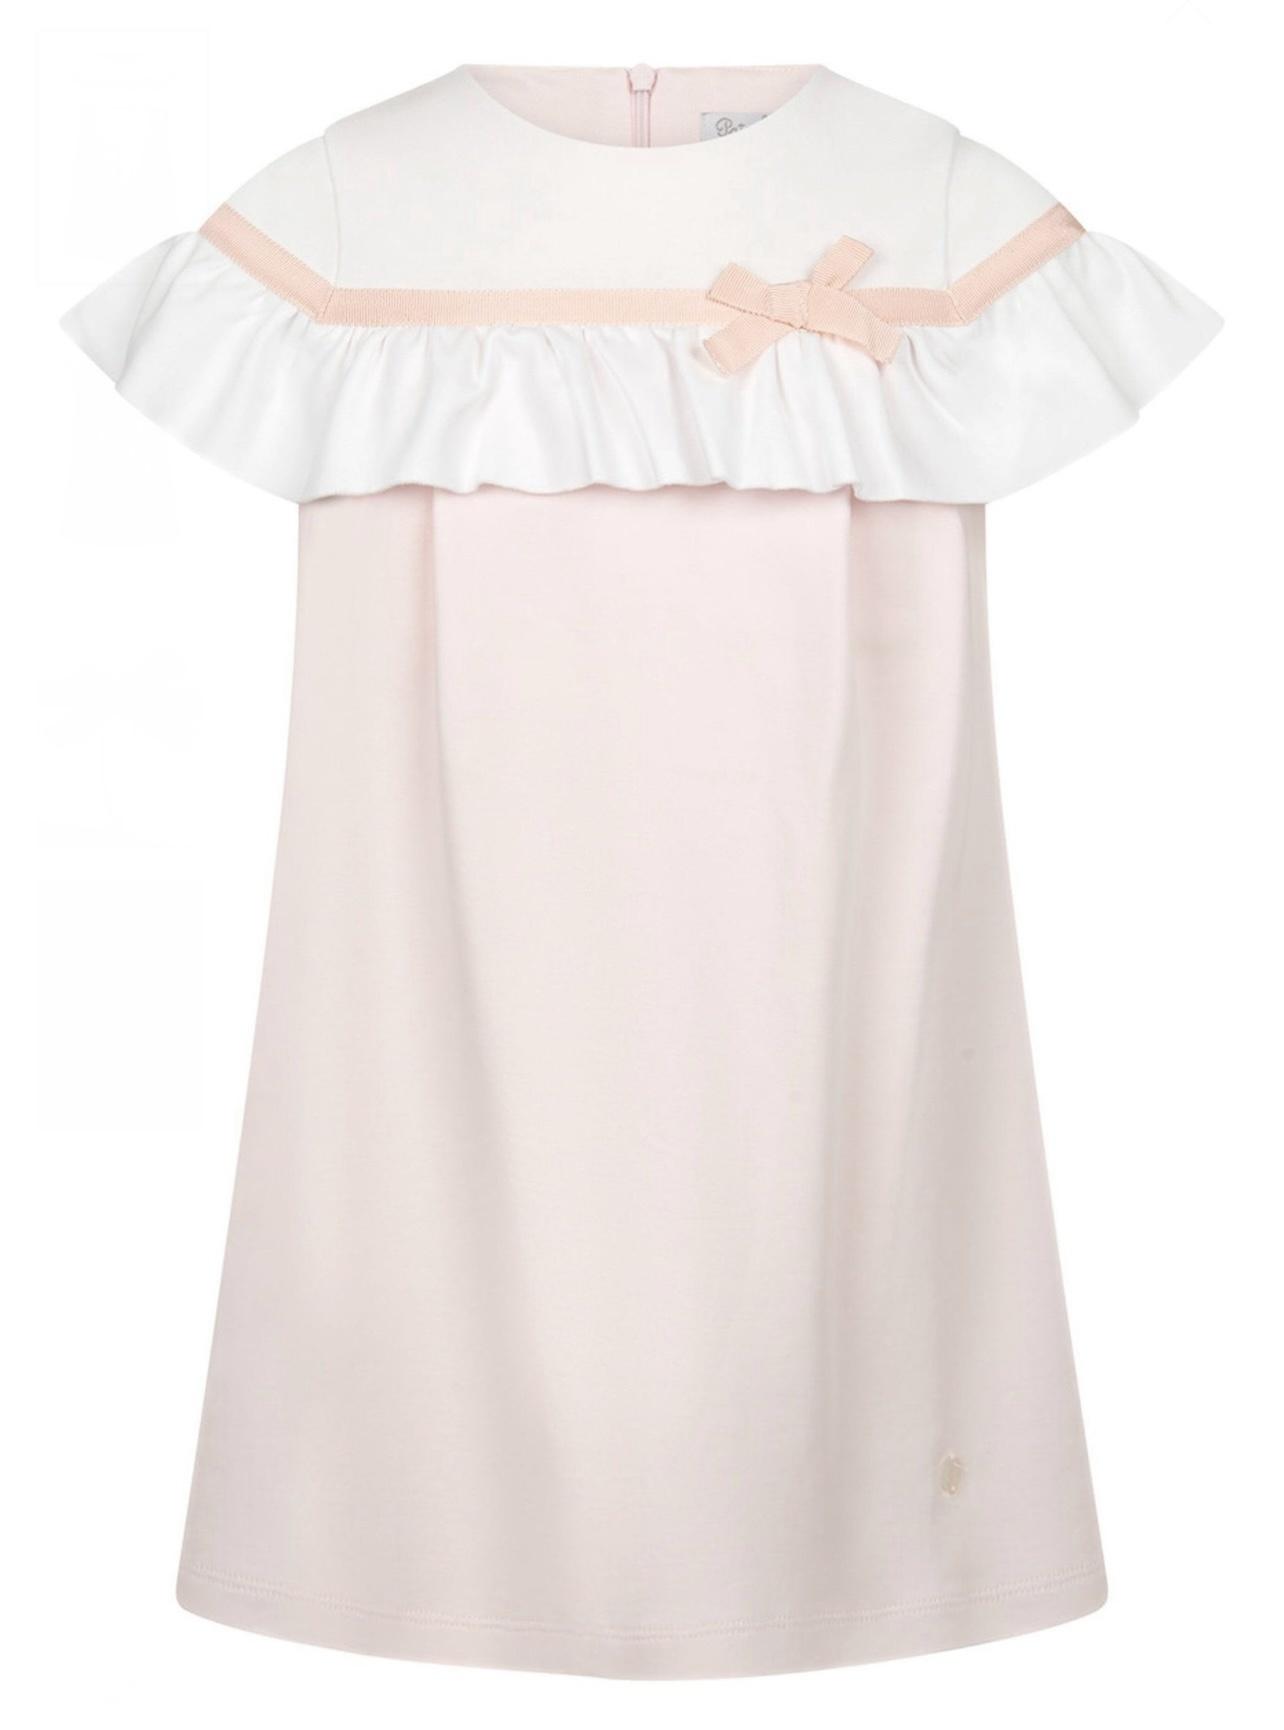 Patachou Cotton Chest Frill Dress 3229 S21